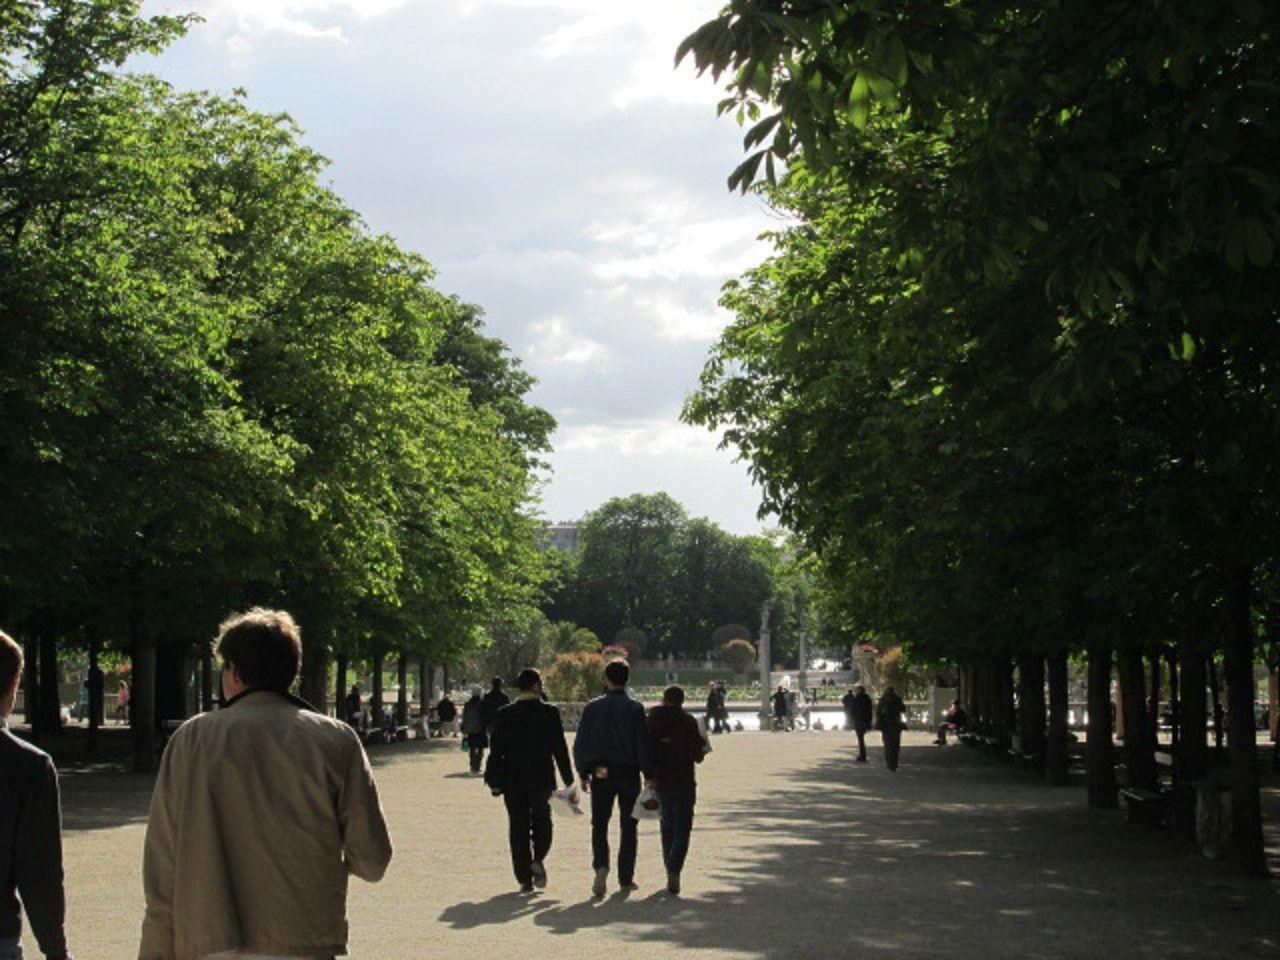 リュクサンブール公園でお散歩してみよう!